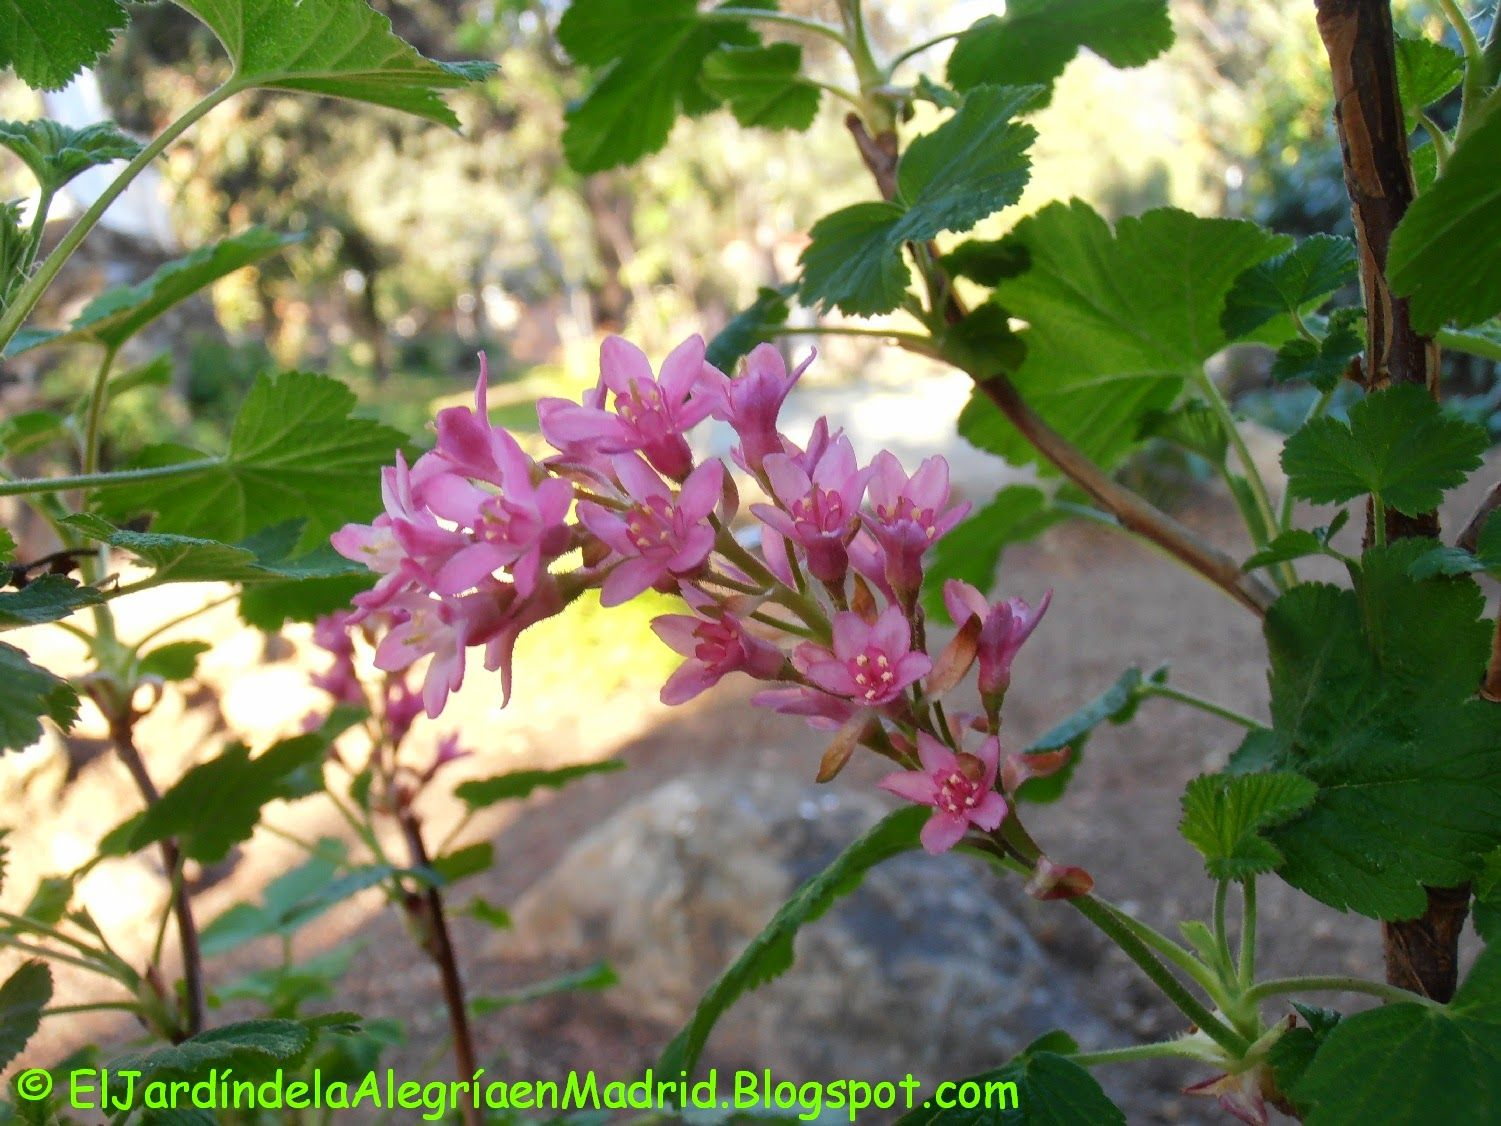 El jardín de la alegría : Groselleros ornamentales (Ribes sanguineum 'King E...